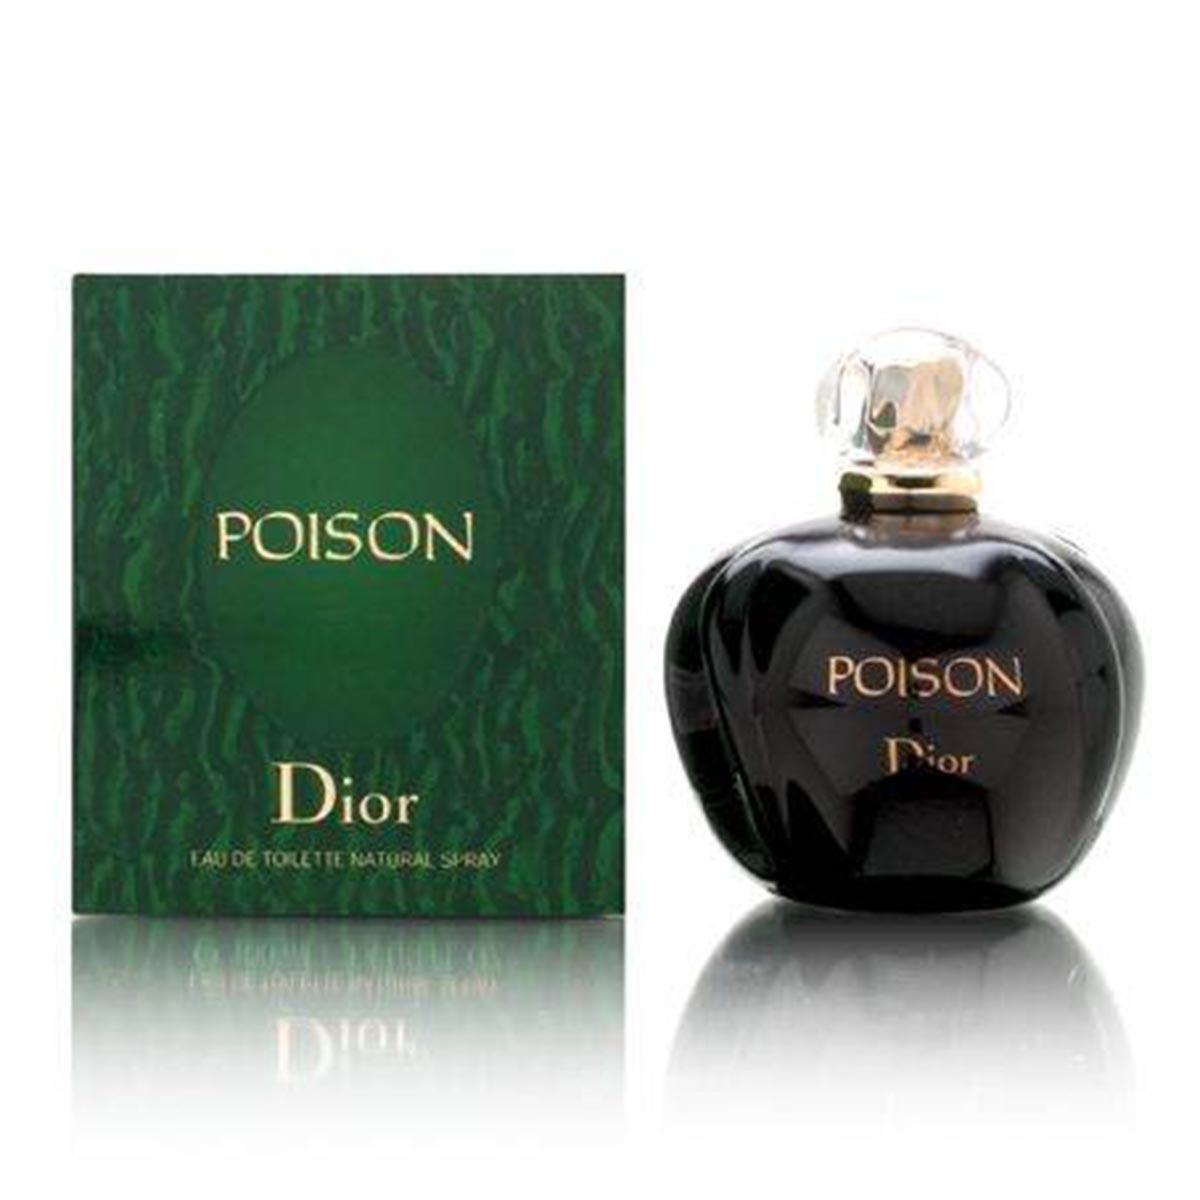 Dior poison girl eau de toilette 50ml vaporizador